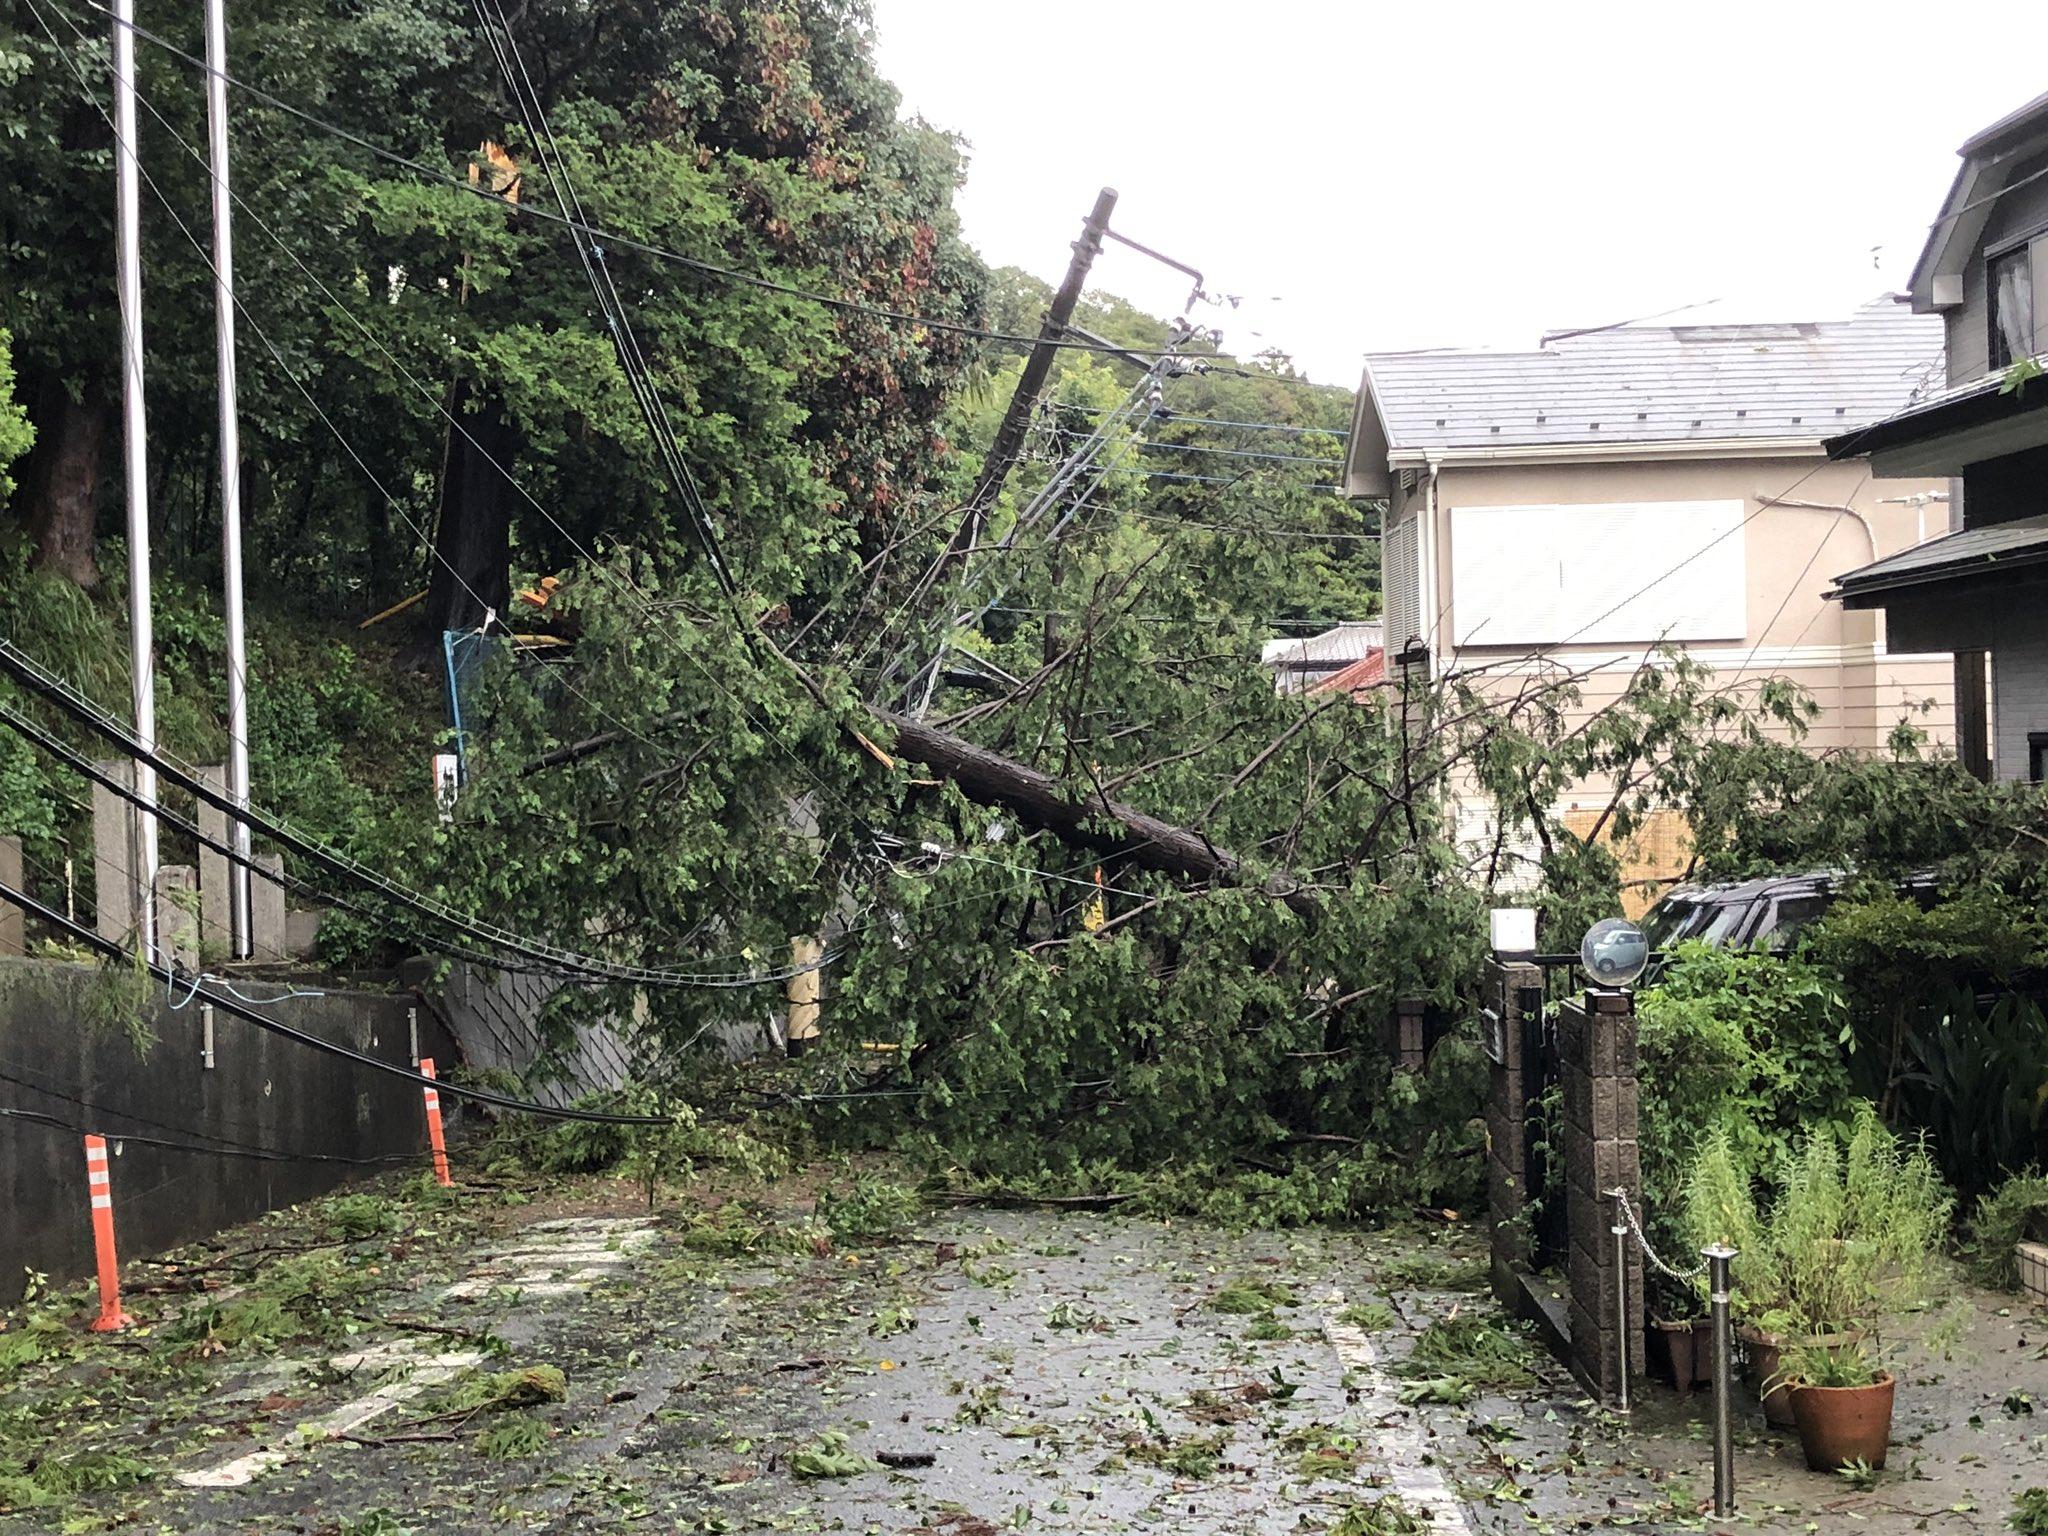 画像,台風の影響で倒木と電柱なぎ倒しで通行止め。 https://t.co/paY1TDAZzJ。